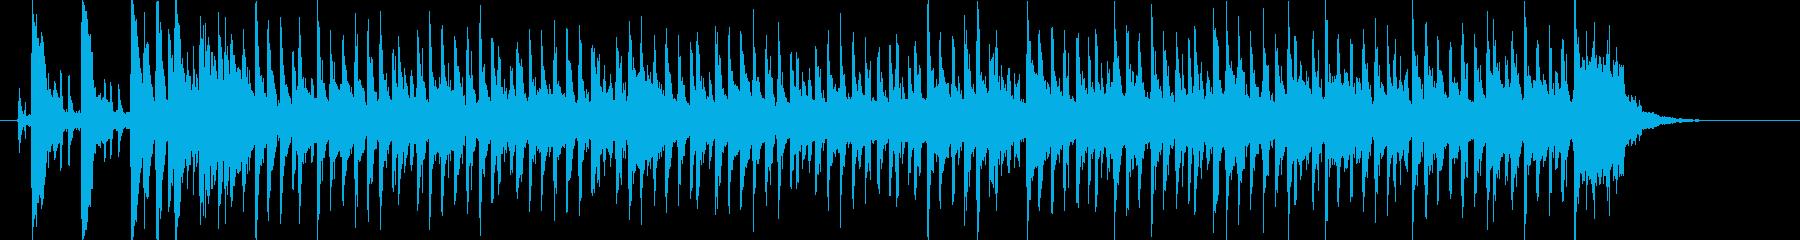 コミカルで軽快なデジタルポップの再生済みの波形